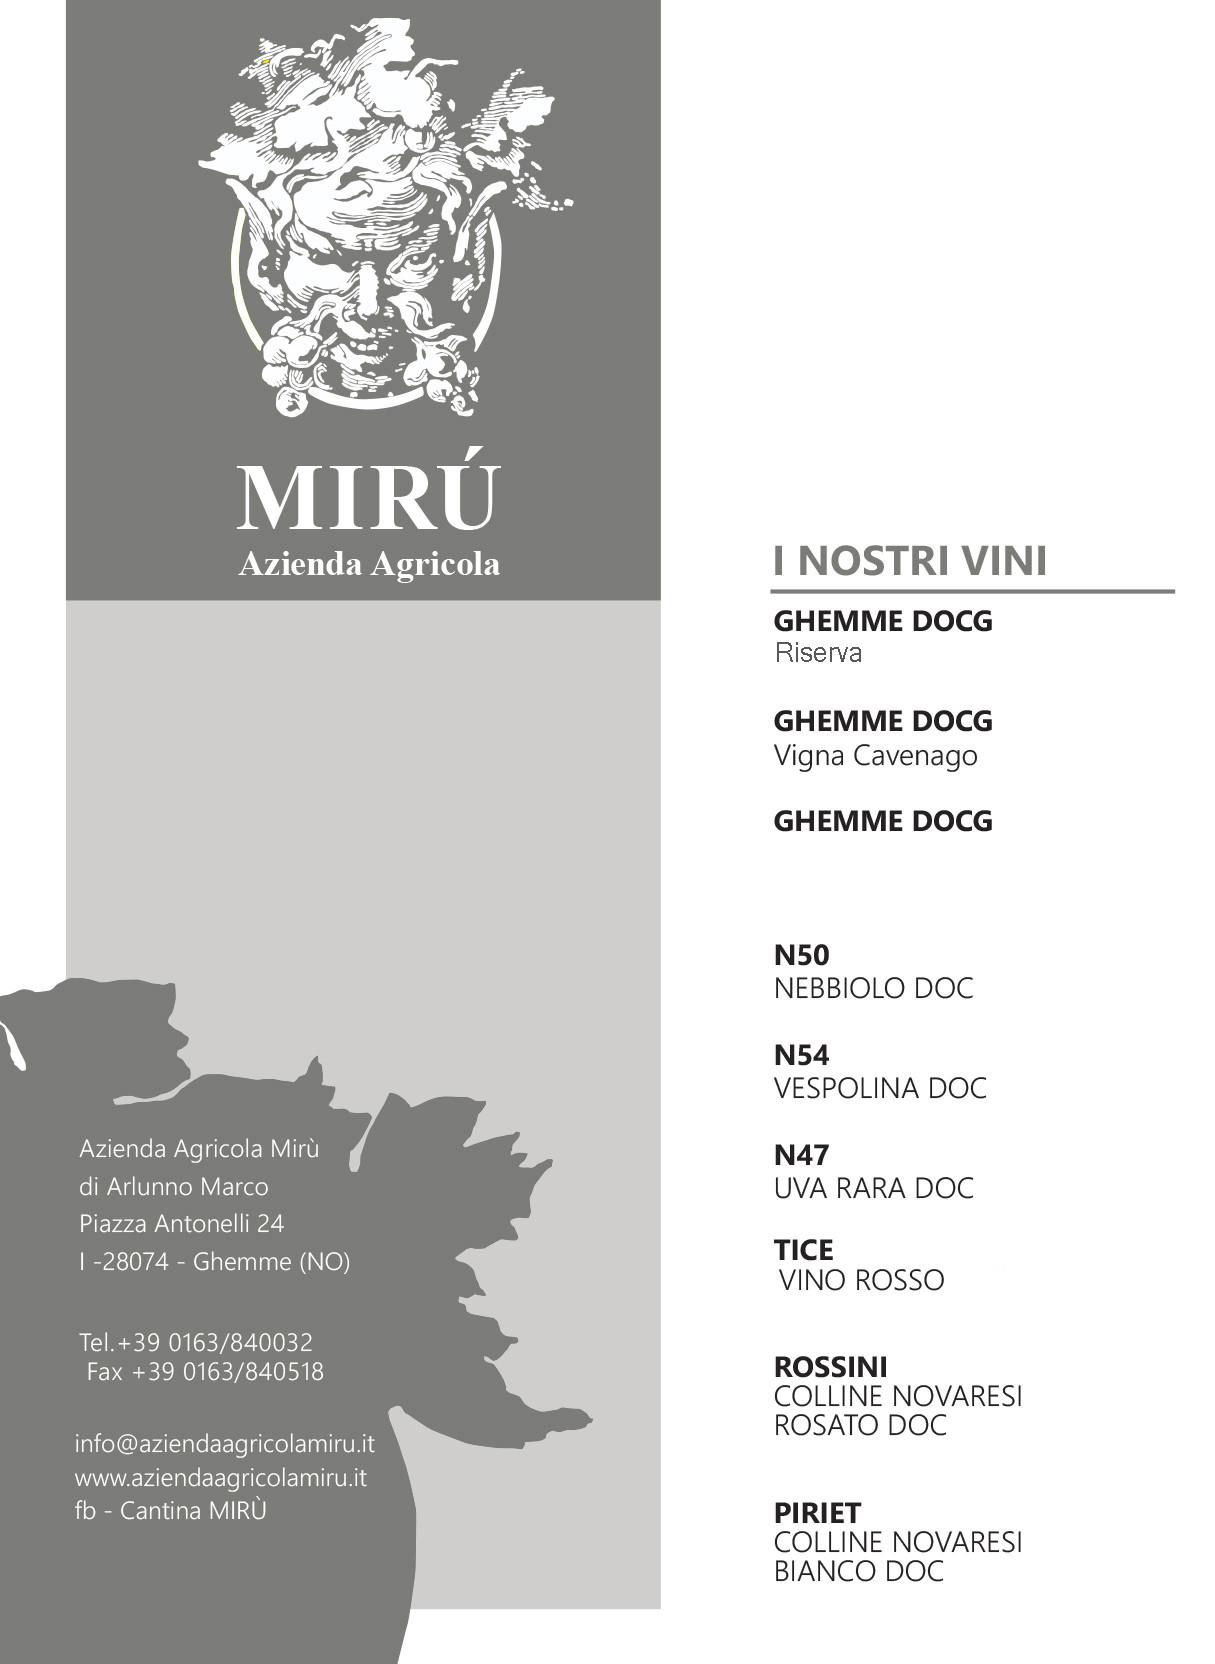 Degustazione Mirú Experience